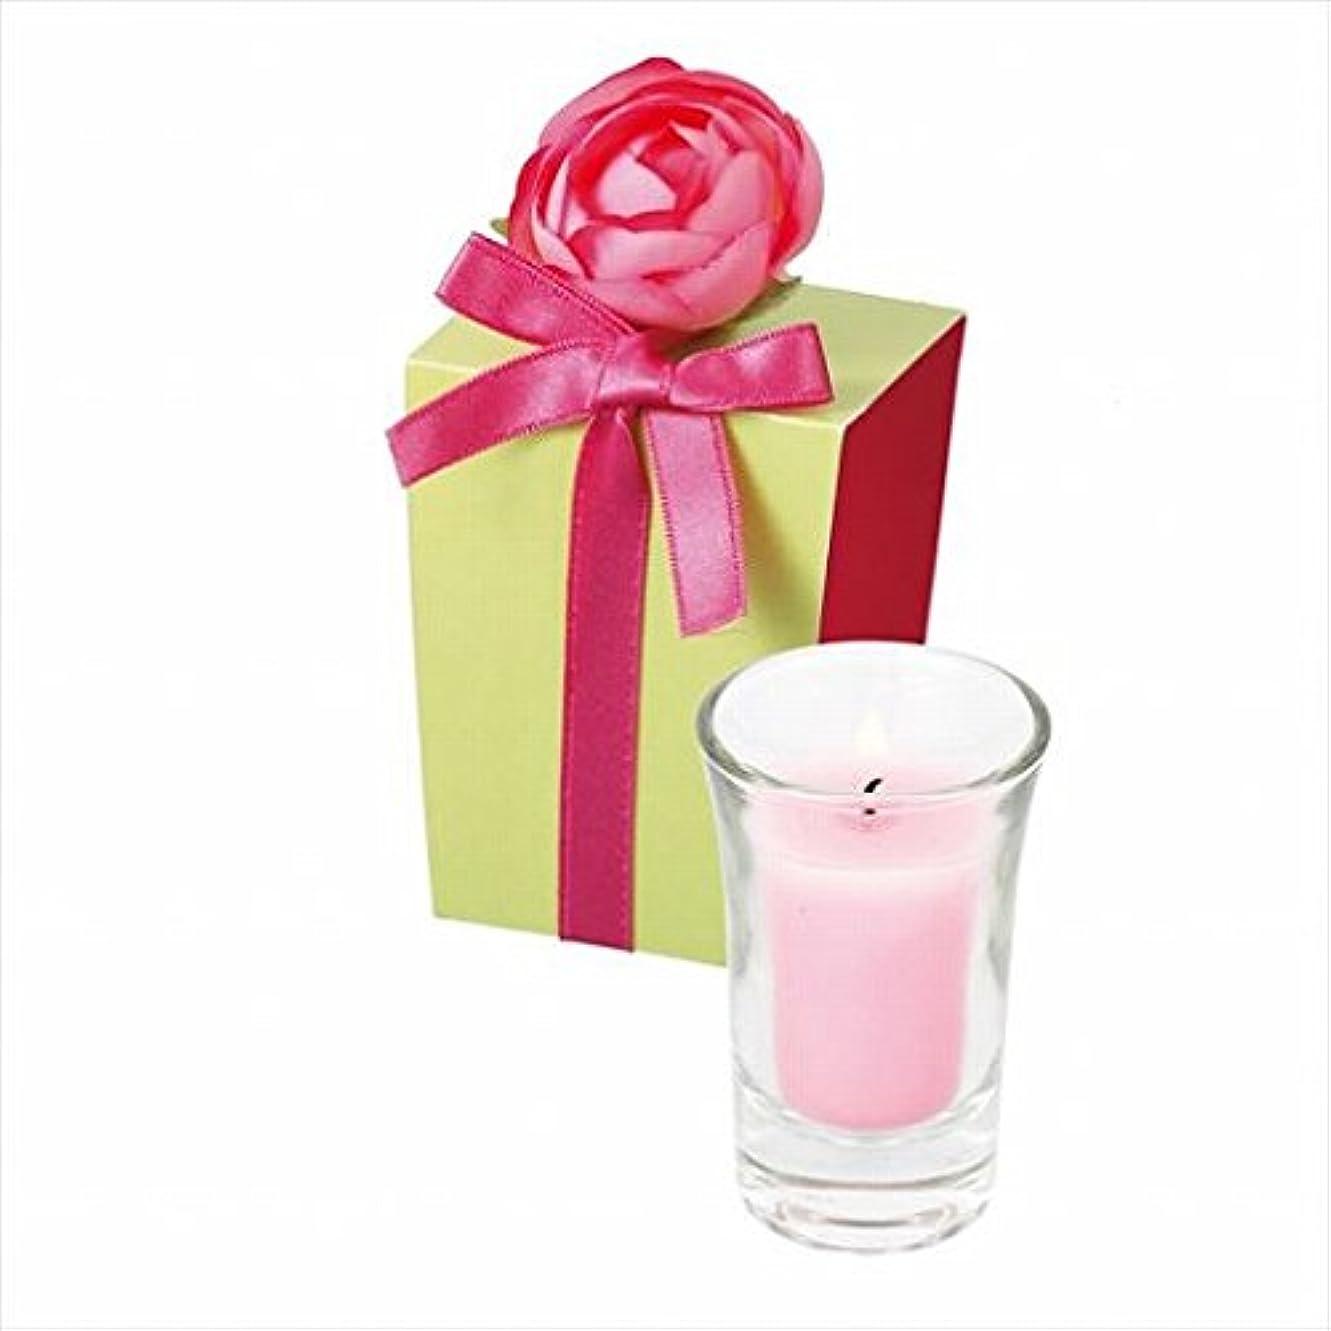 追加する非常に怒っていますスライムカメヤマキャンドル(kameyama candle) ラナンキュラスグラスキャンドル 「 ピンク 」